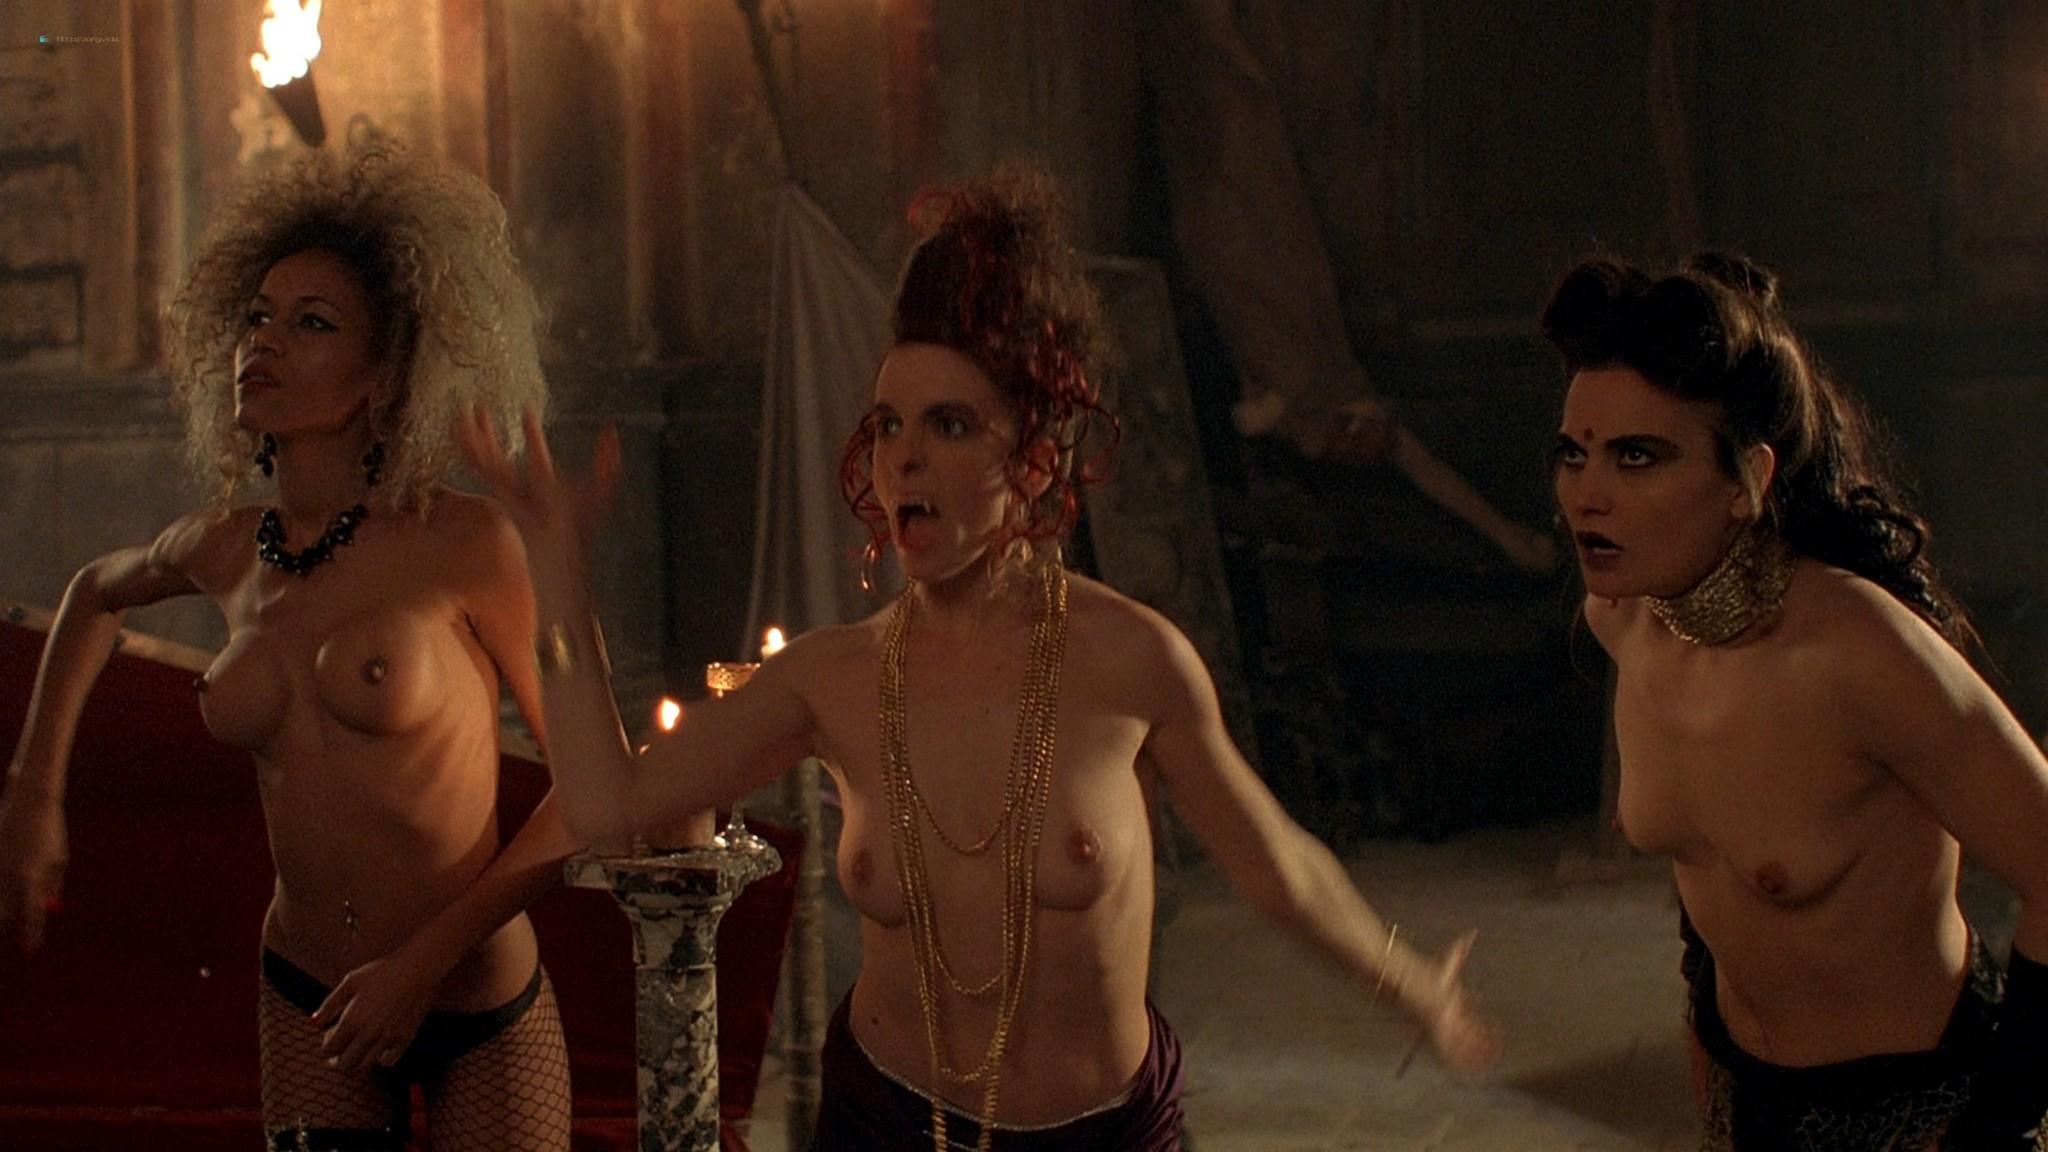 Jennifer Lyons hot Simon Petric, Desiree Malonga and others nude - Transylmania (2009) HD 1080p BluRay (r) (6)